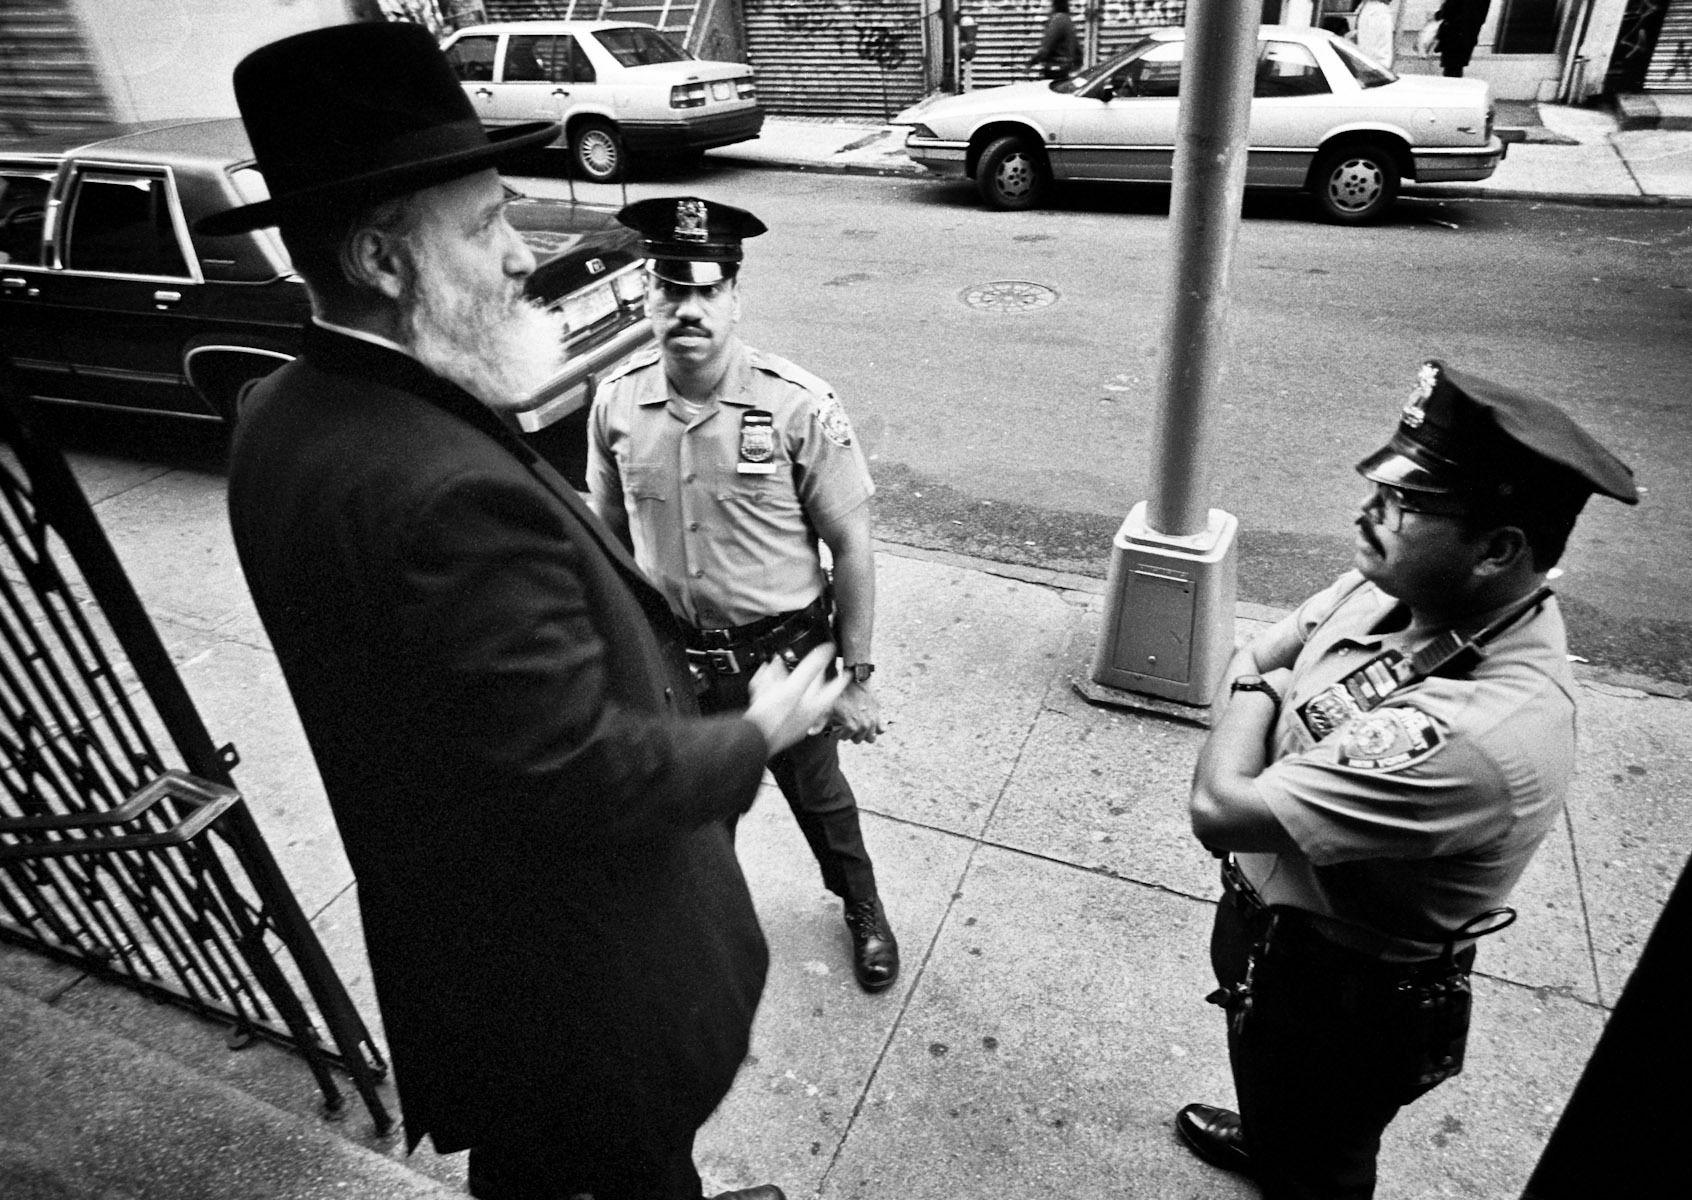 Lower East Side 09/30/93